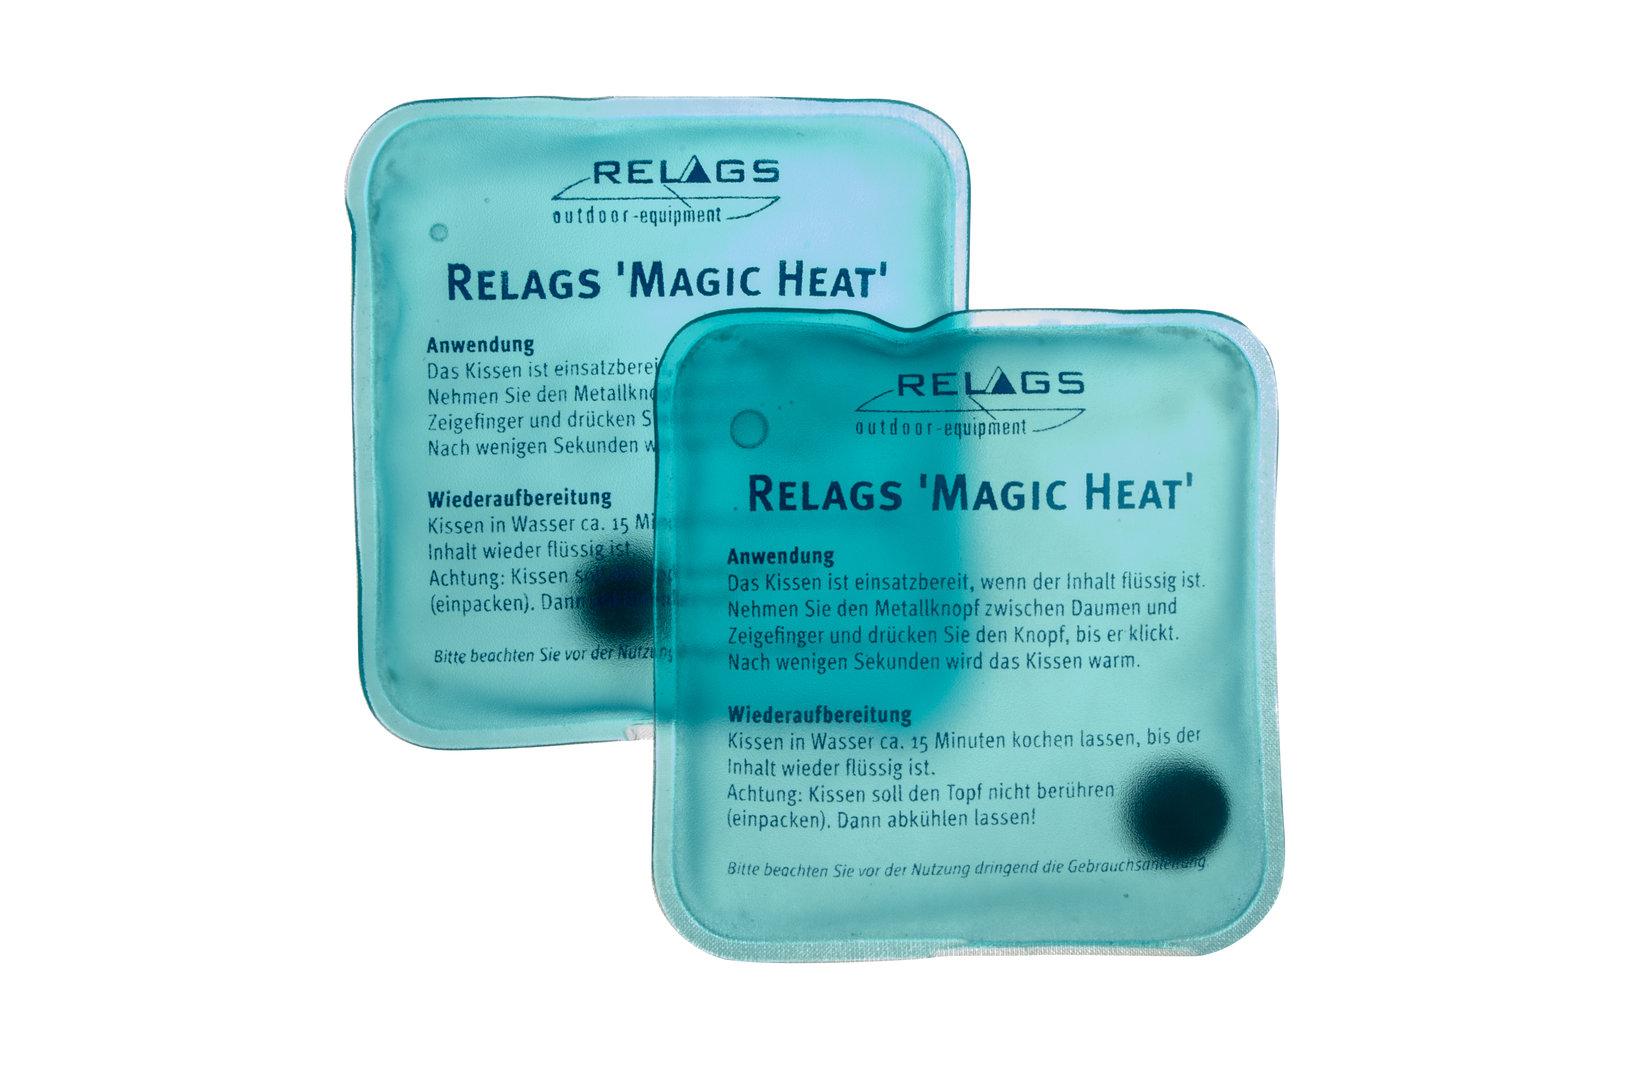 Relags Mini Magic W/ärmekissen 2 Handw/ärmer Kissen